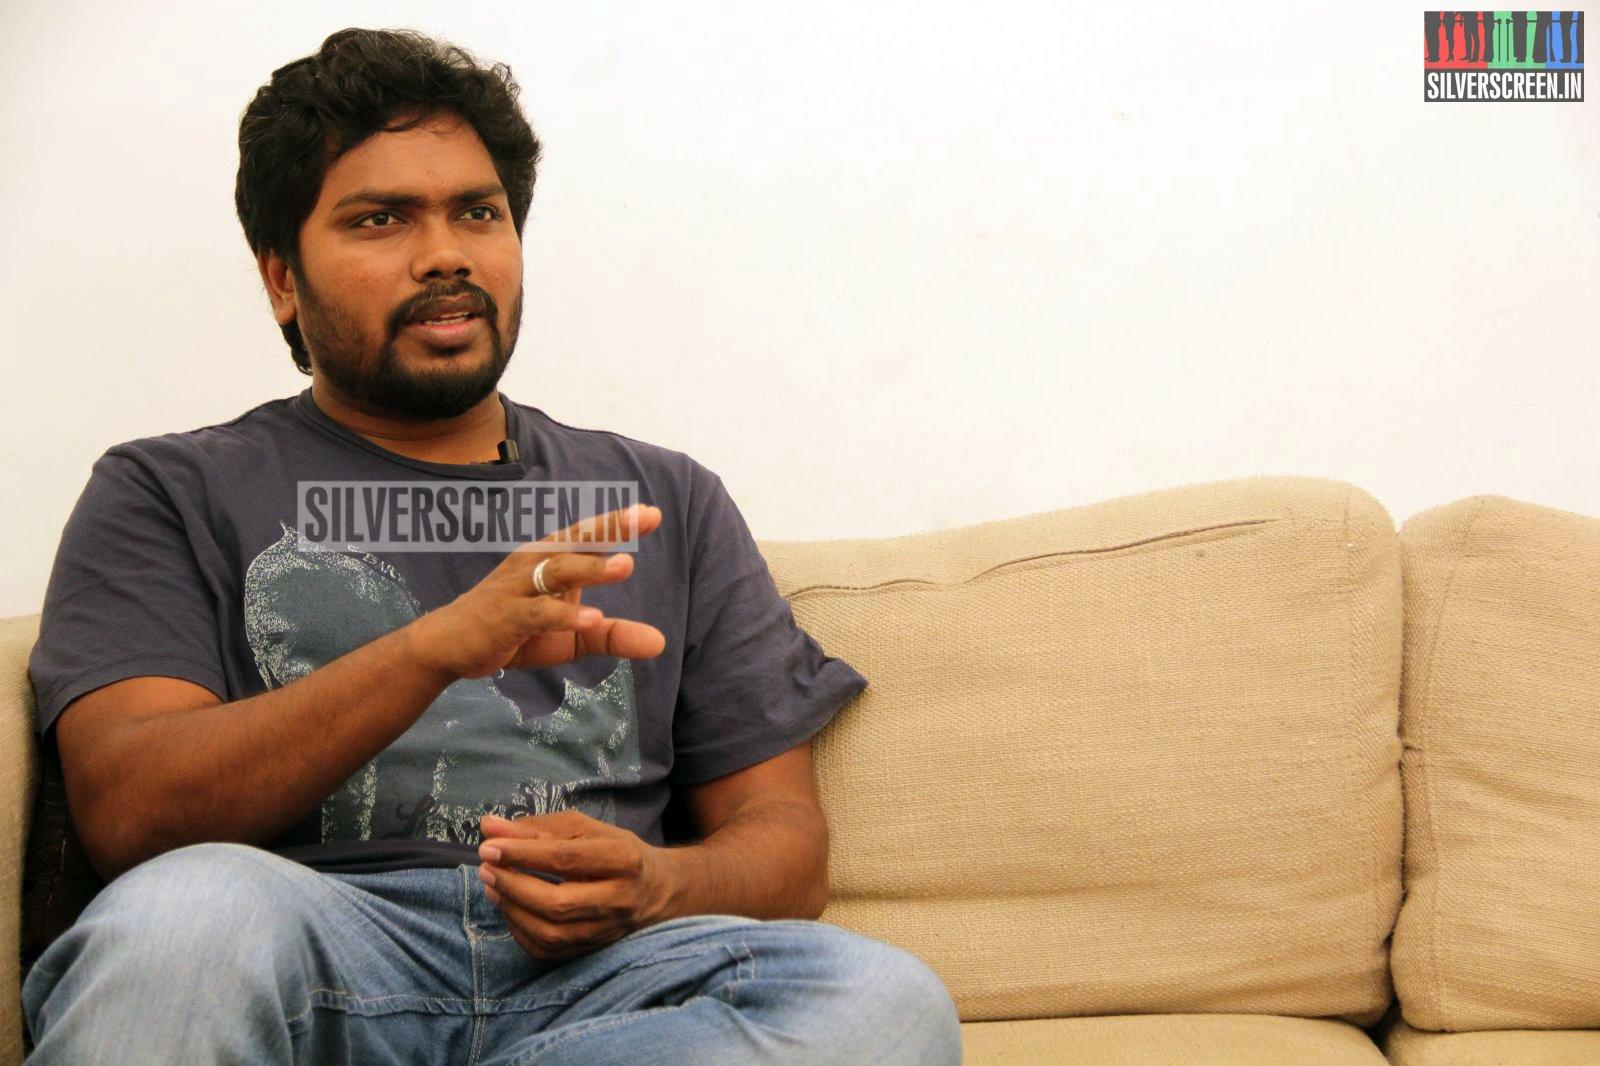 Director Pa Ranjith Photos   Silverscreen.in